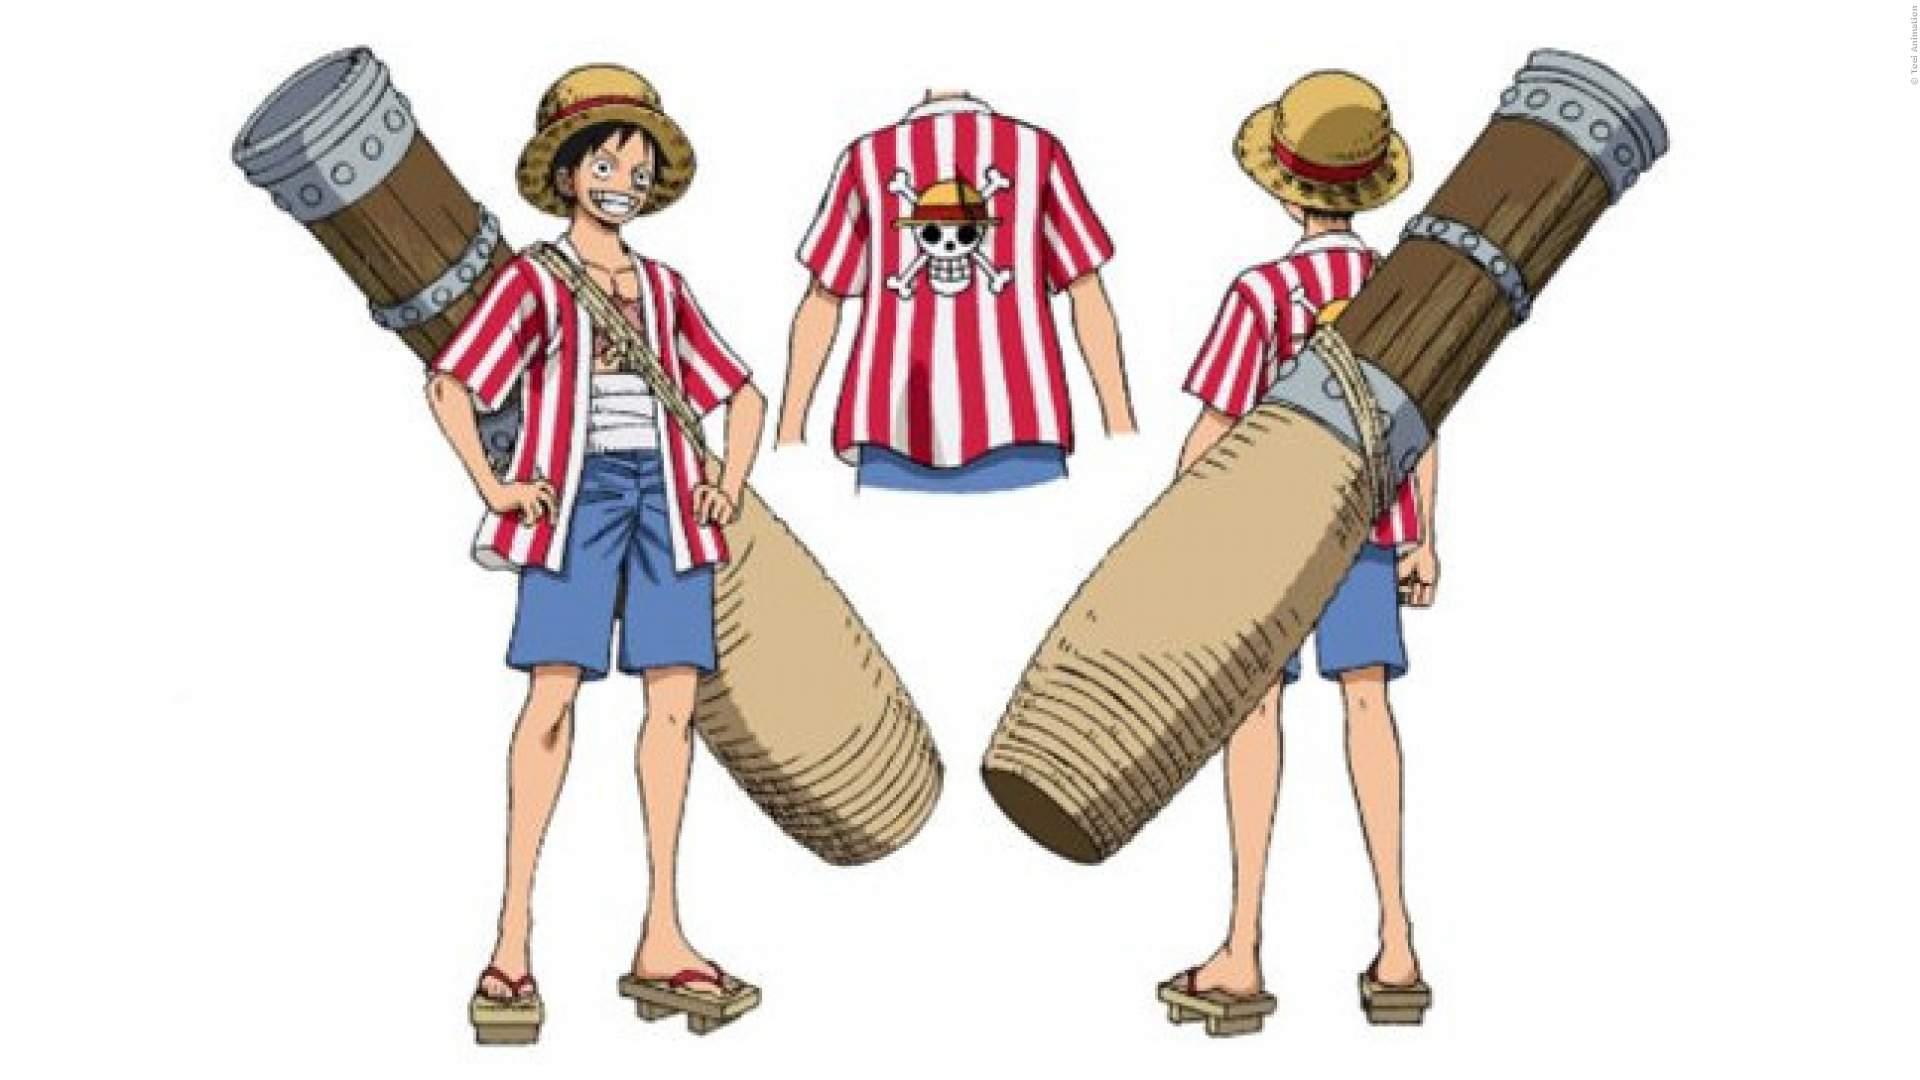 One Piece Stampede: Bilder zeigen neue Helden-Designs - Bild 2 von 10